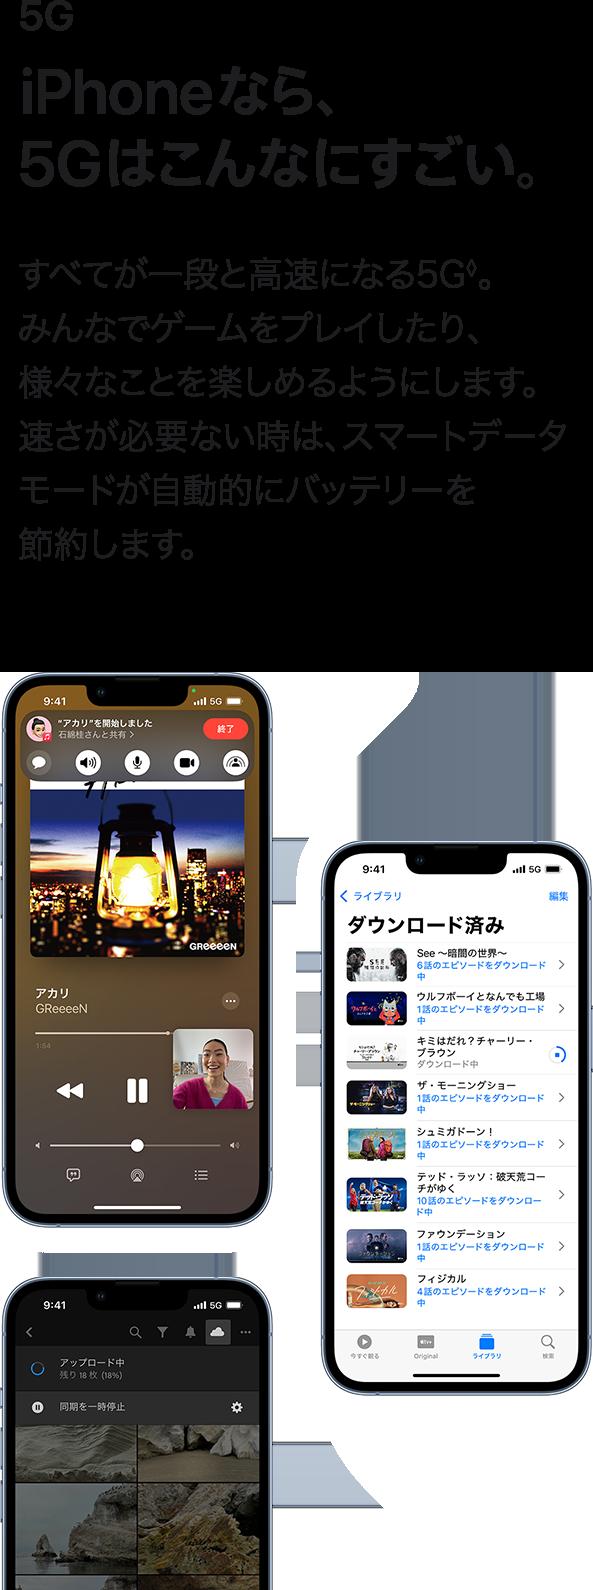 iphone13 pro 5G